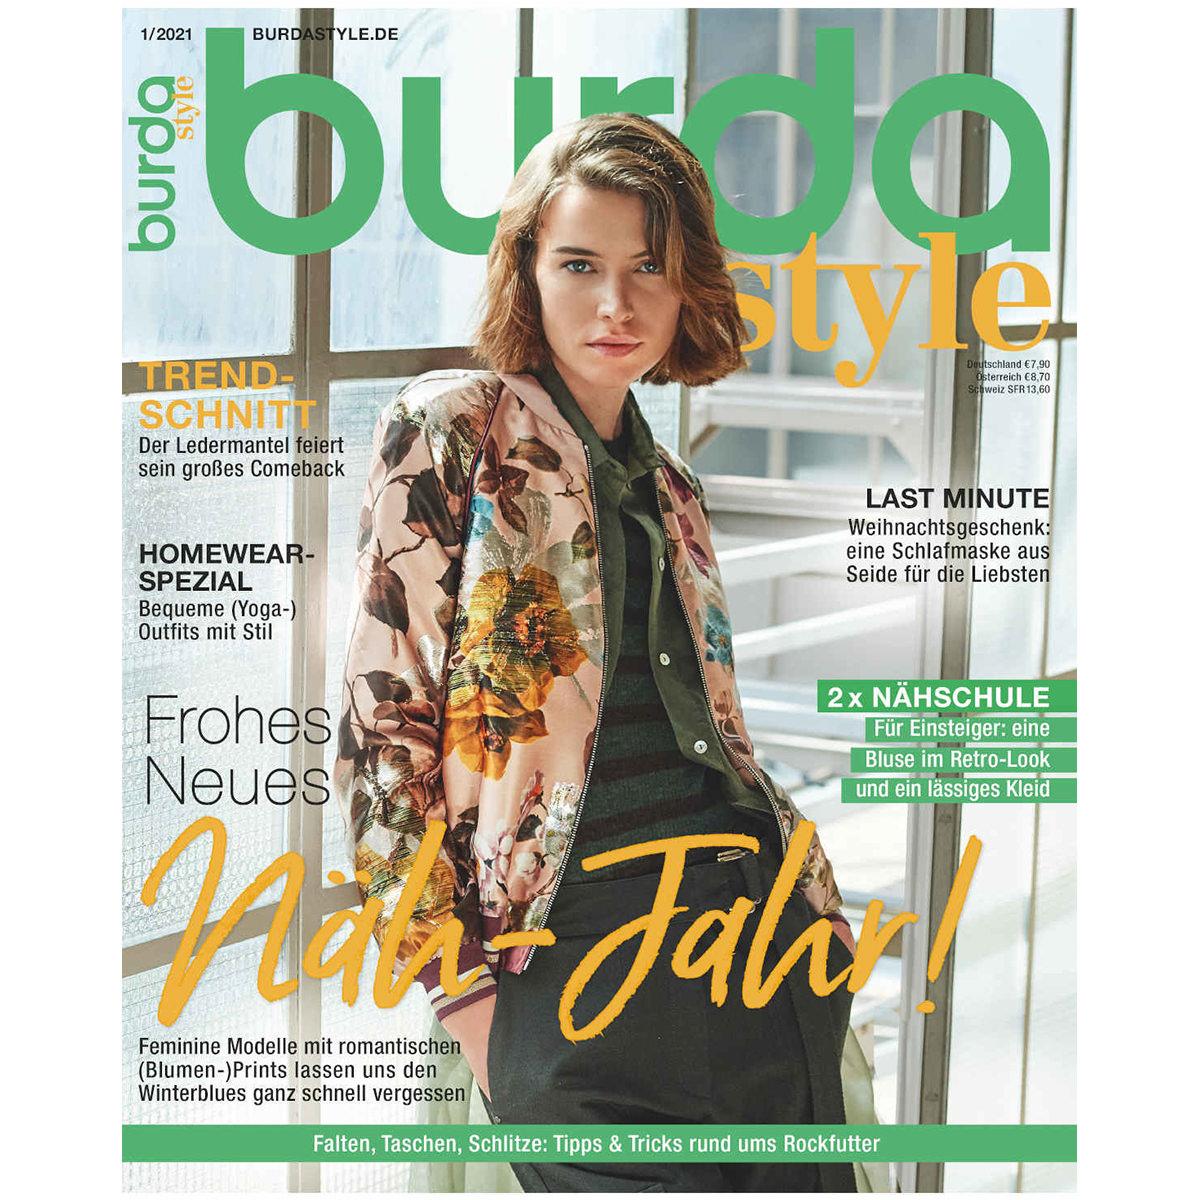 burda style Ausgabe Januar 2021